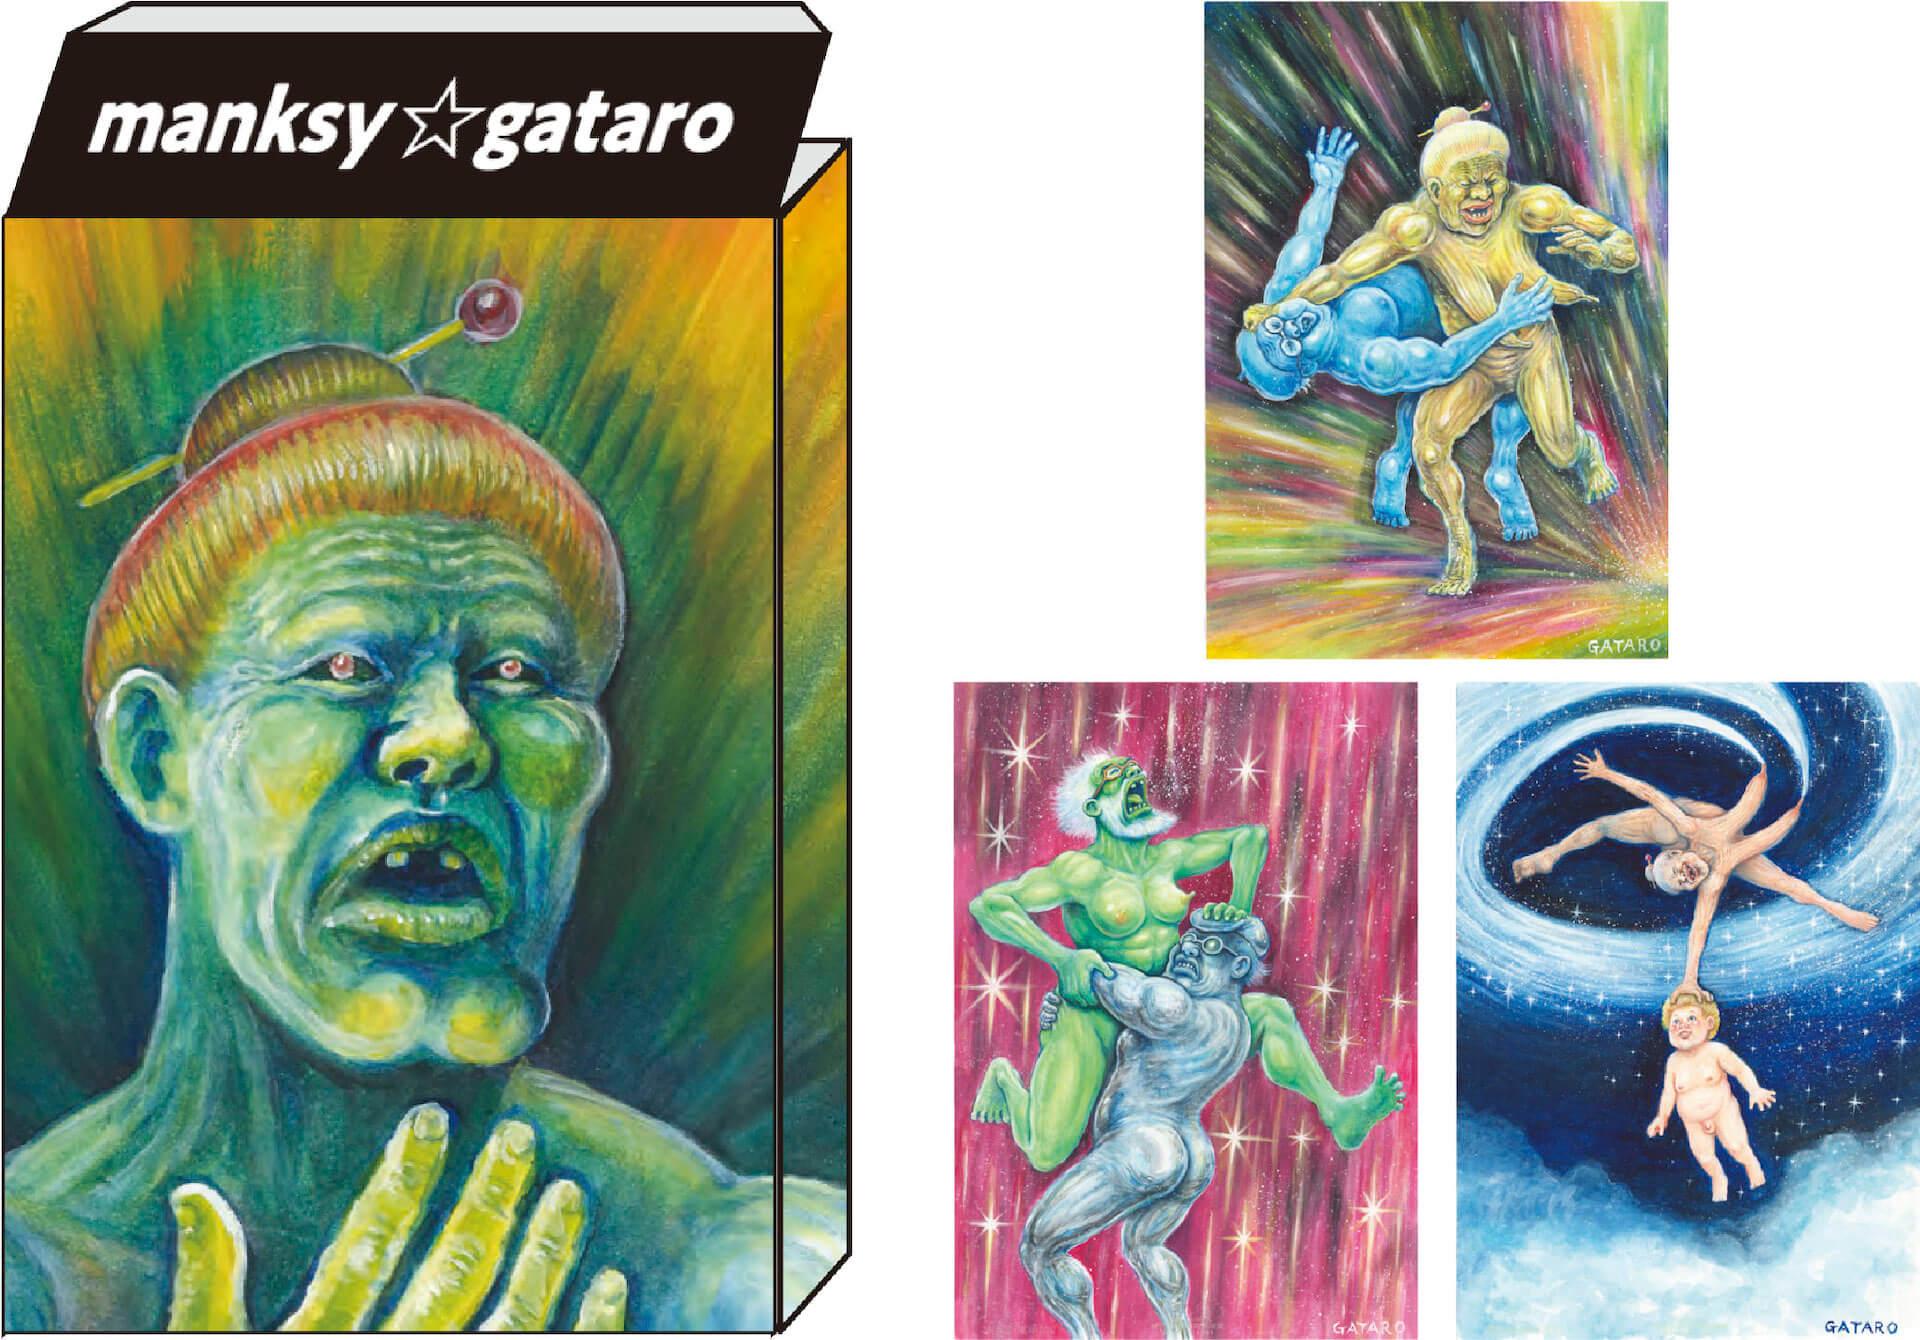 渋谷PARCOで謎の天才画家manksy ☆ gataro没後100年展が開催!記念グッズの販売やAR体験も art_211014_parco-05